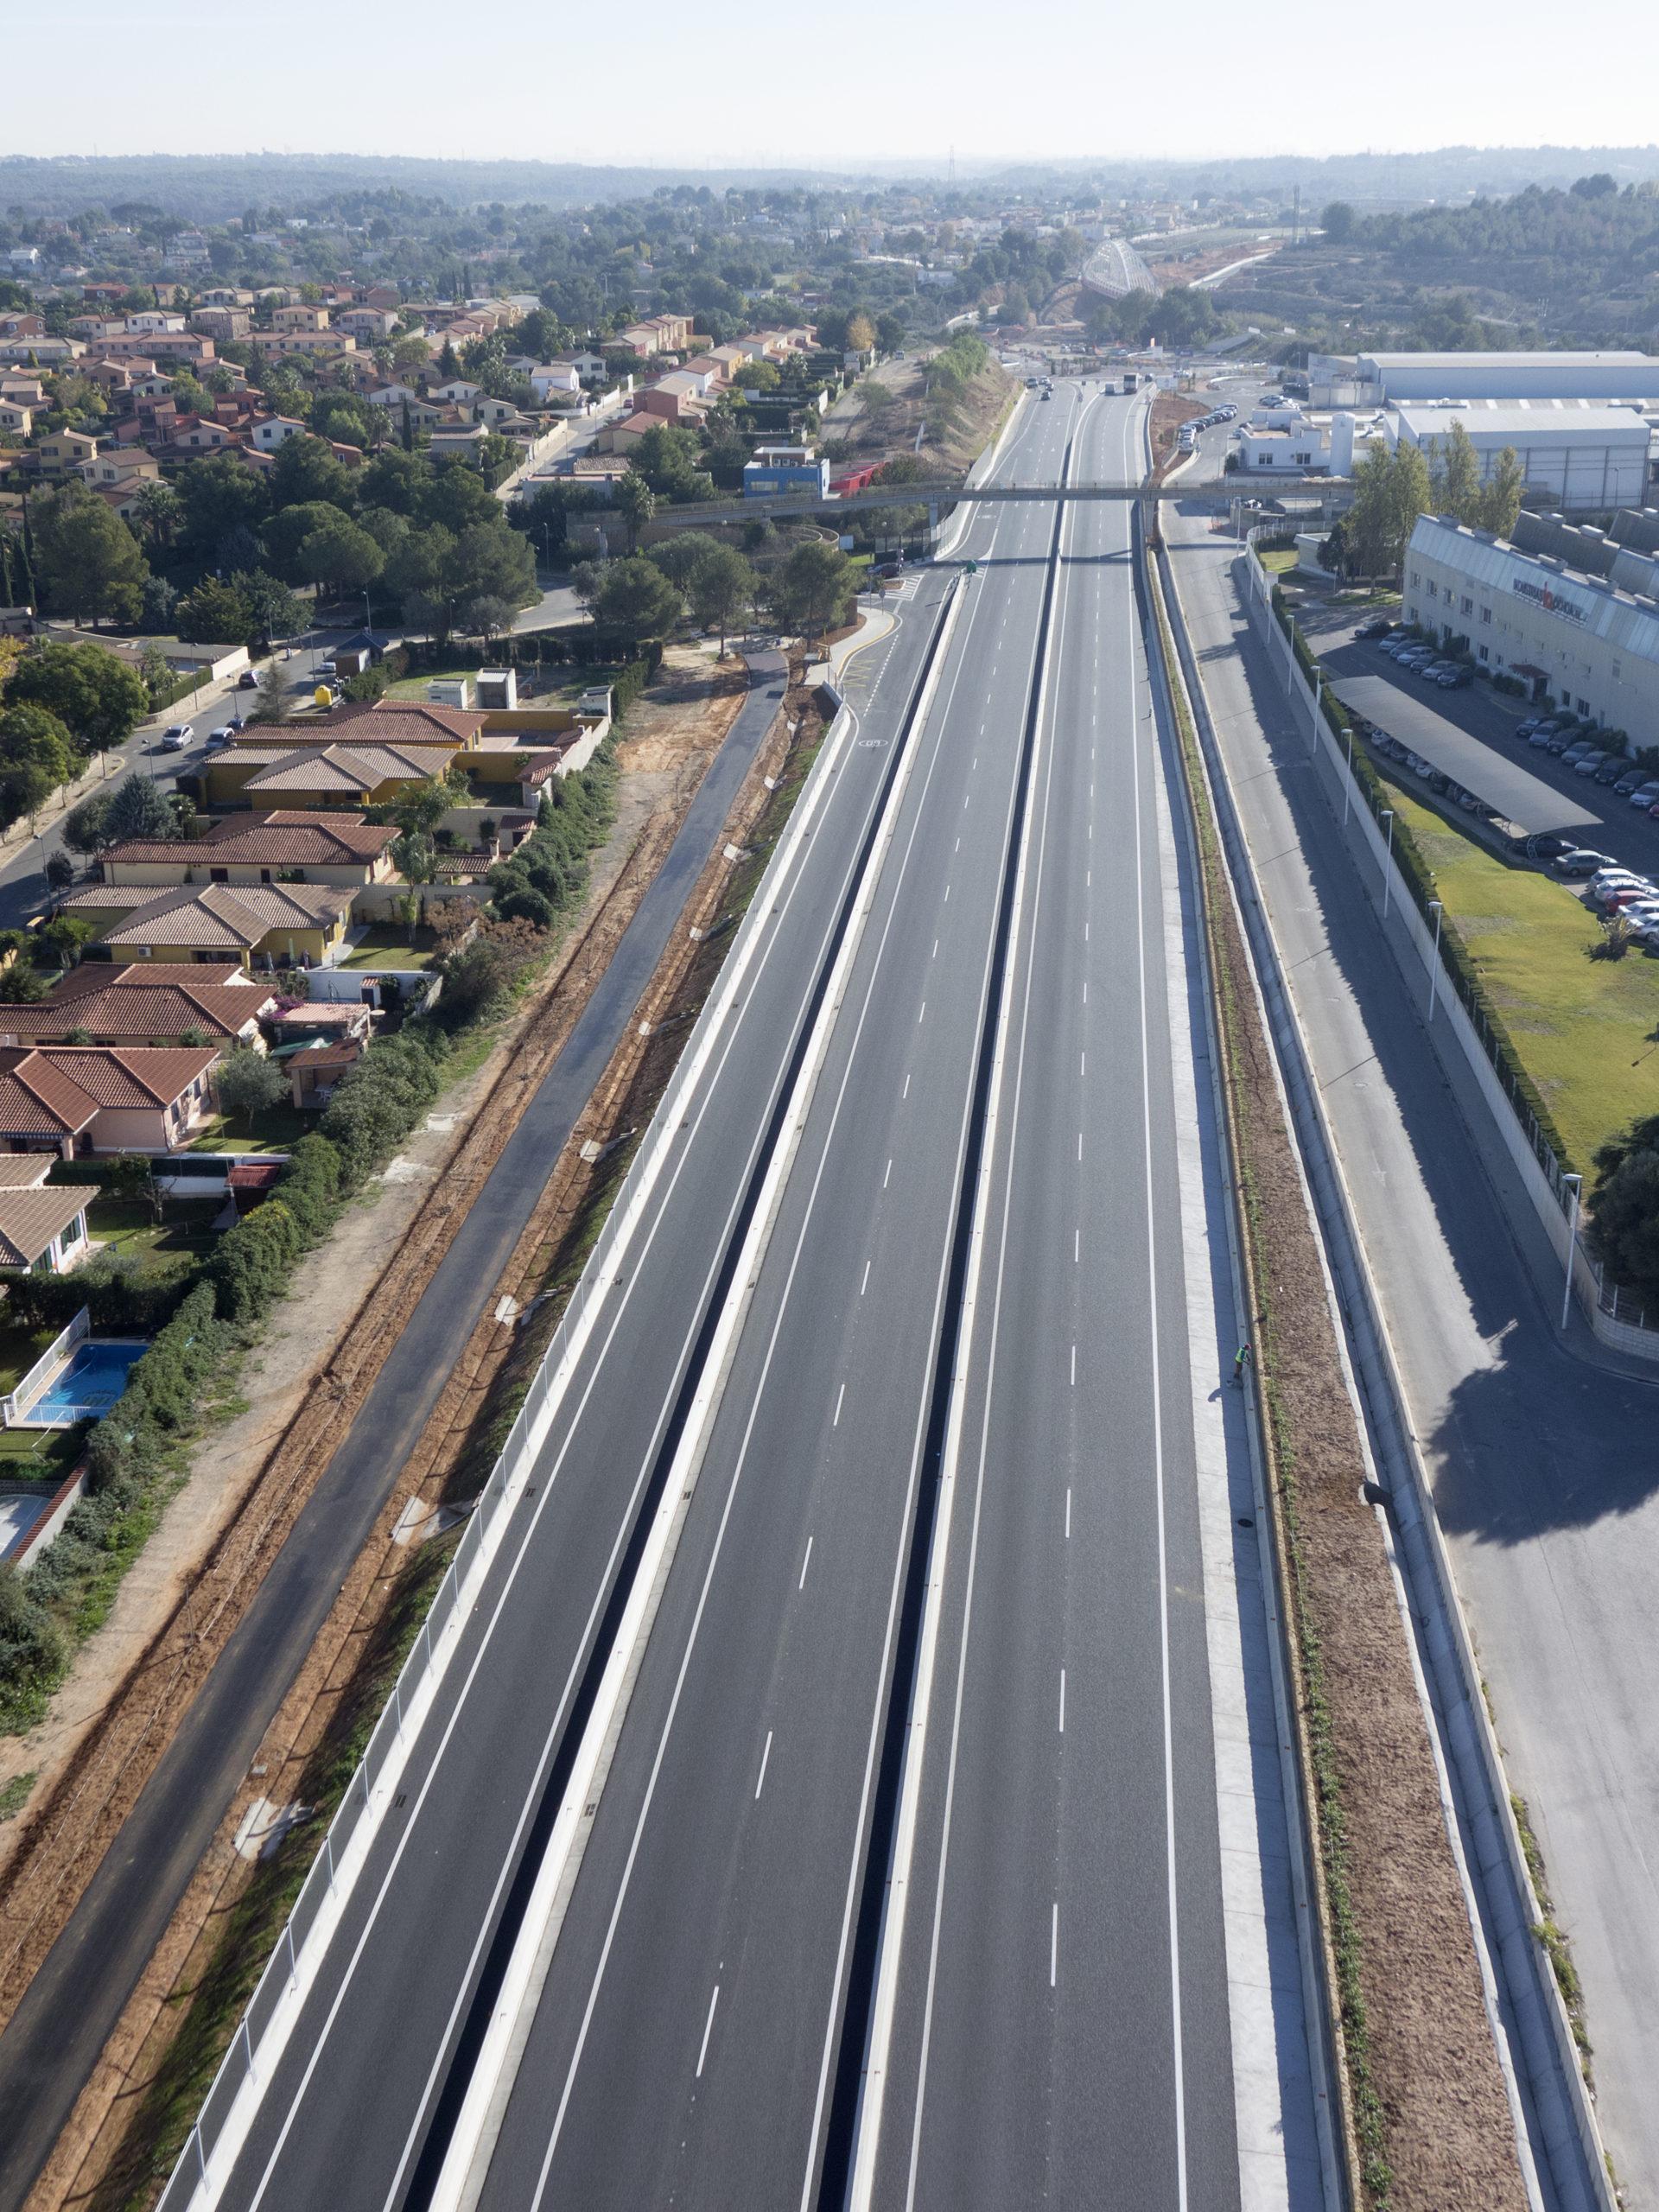 http://urbinsa.com/wp-content/uploads/2021/02/Via-Parque-Turia-6-scaled.jpg